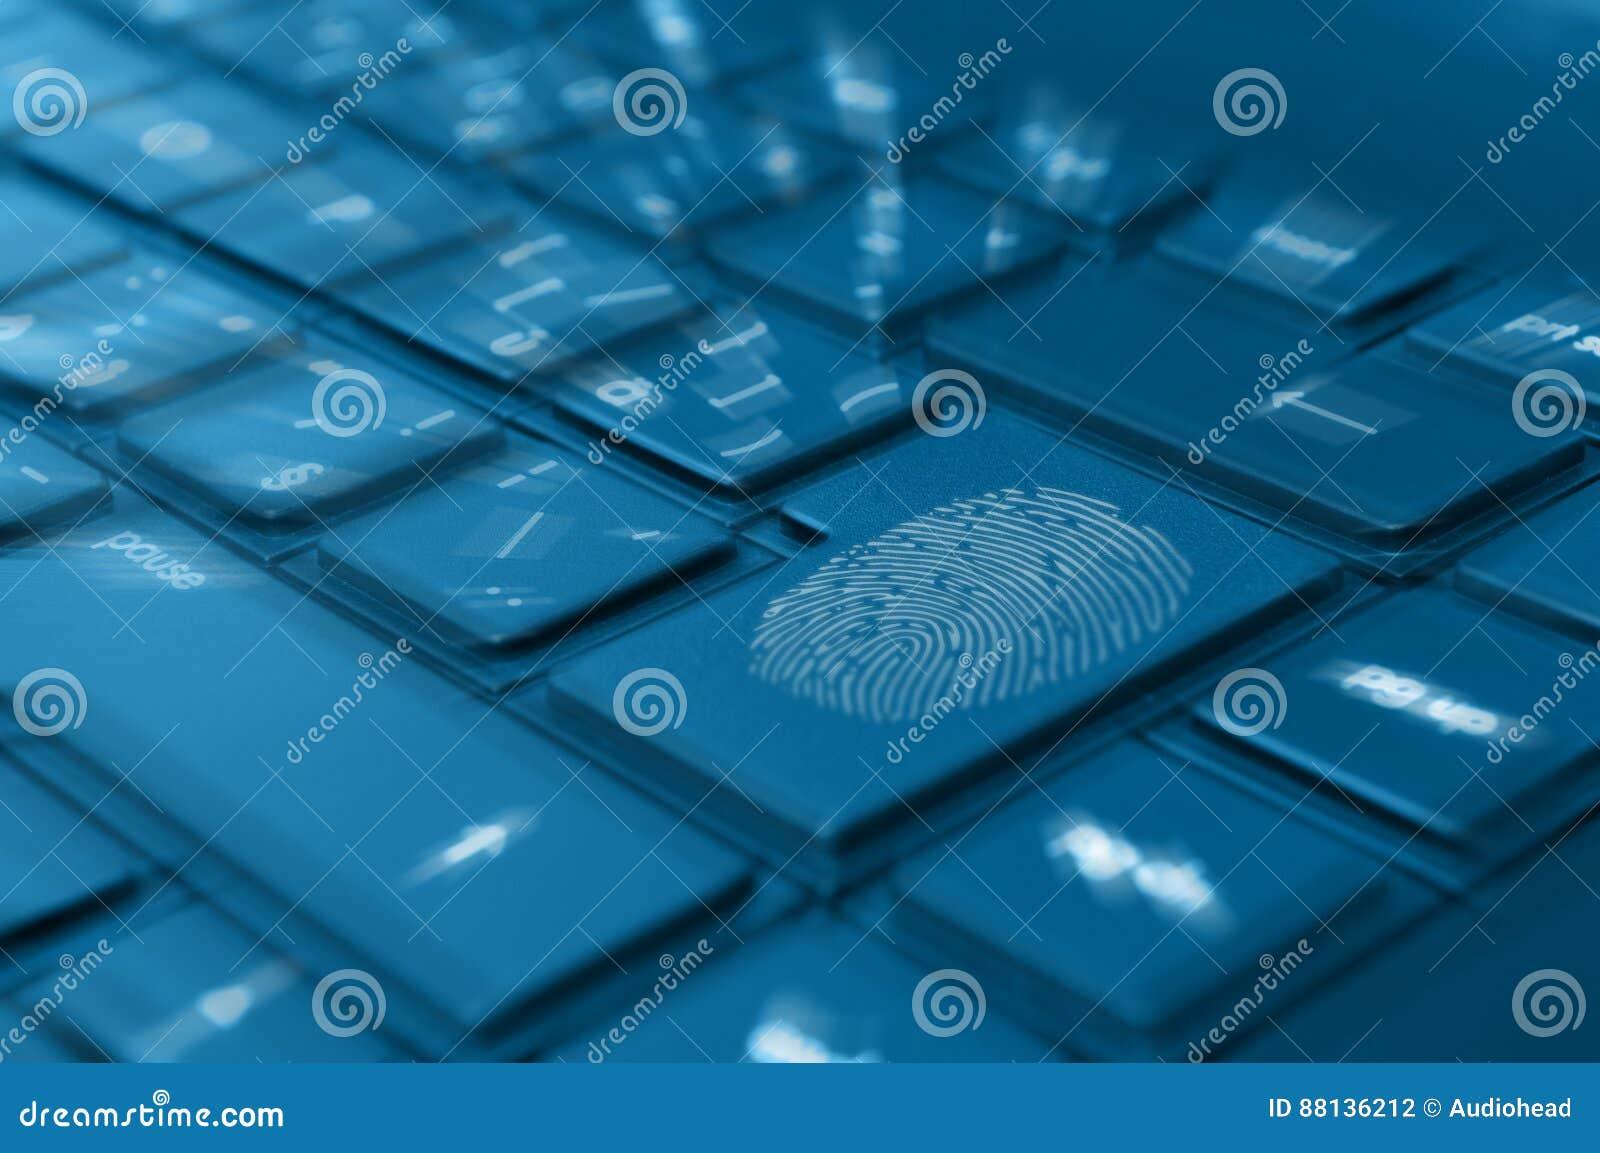 Huella dactilar en el teclado del cuaderno